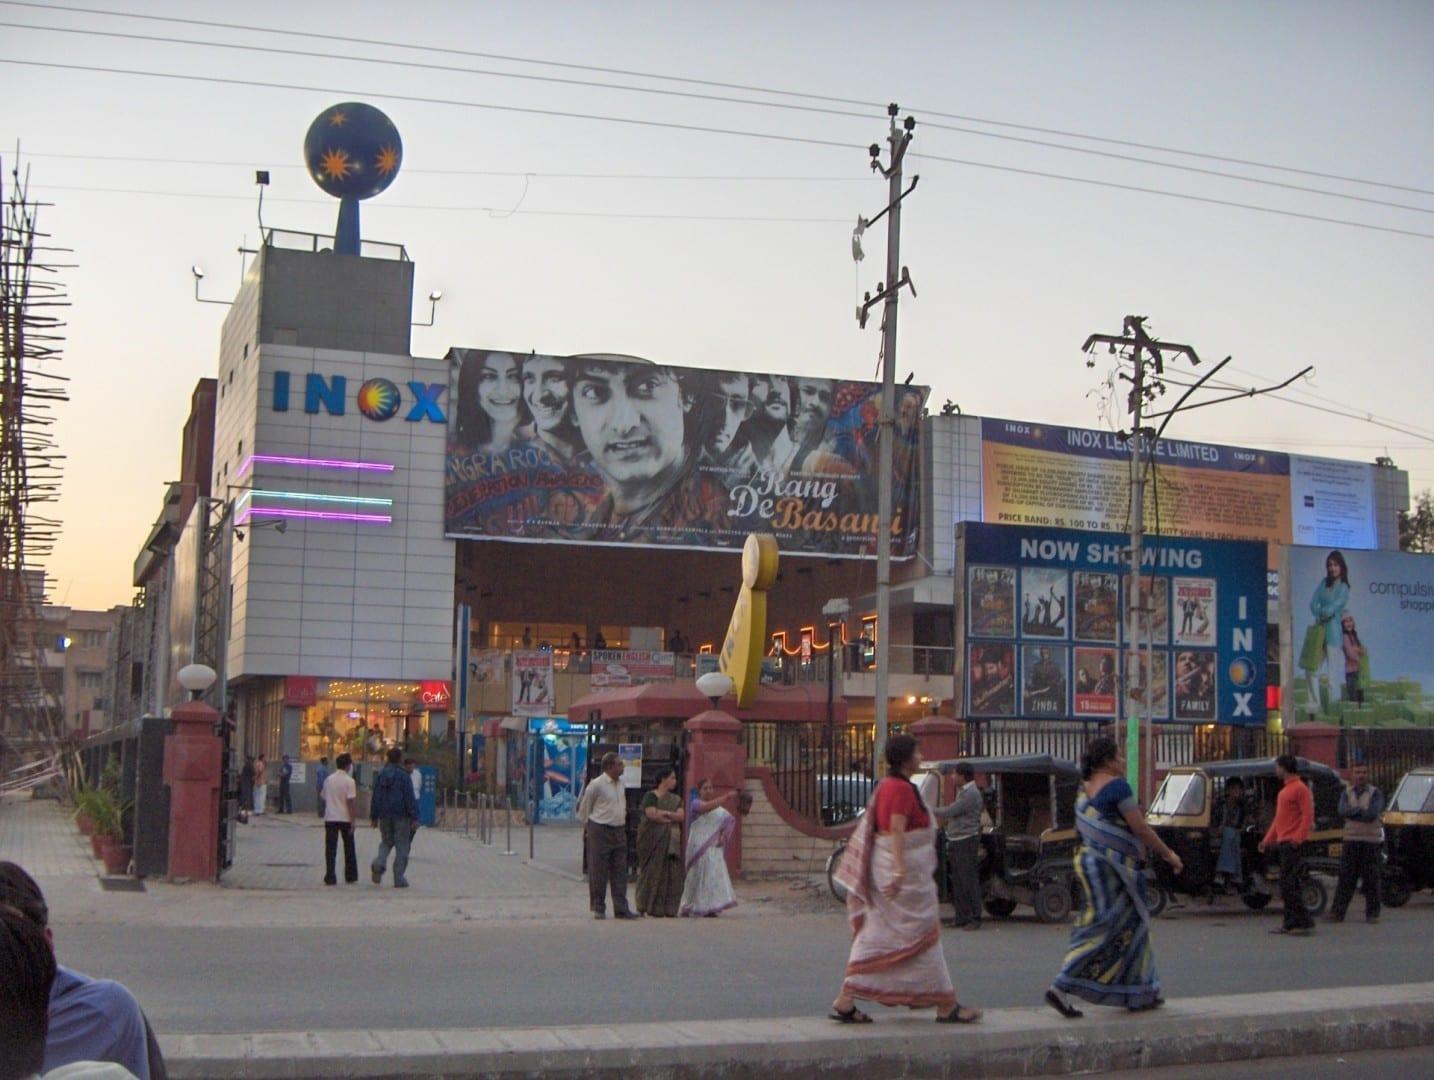 Cine Inox Vadodara India